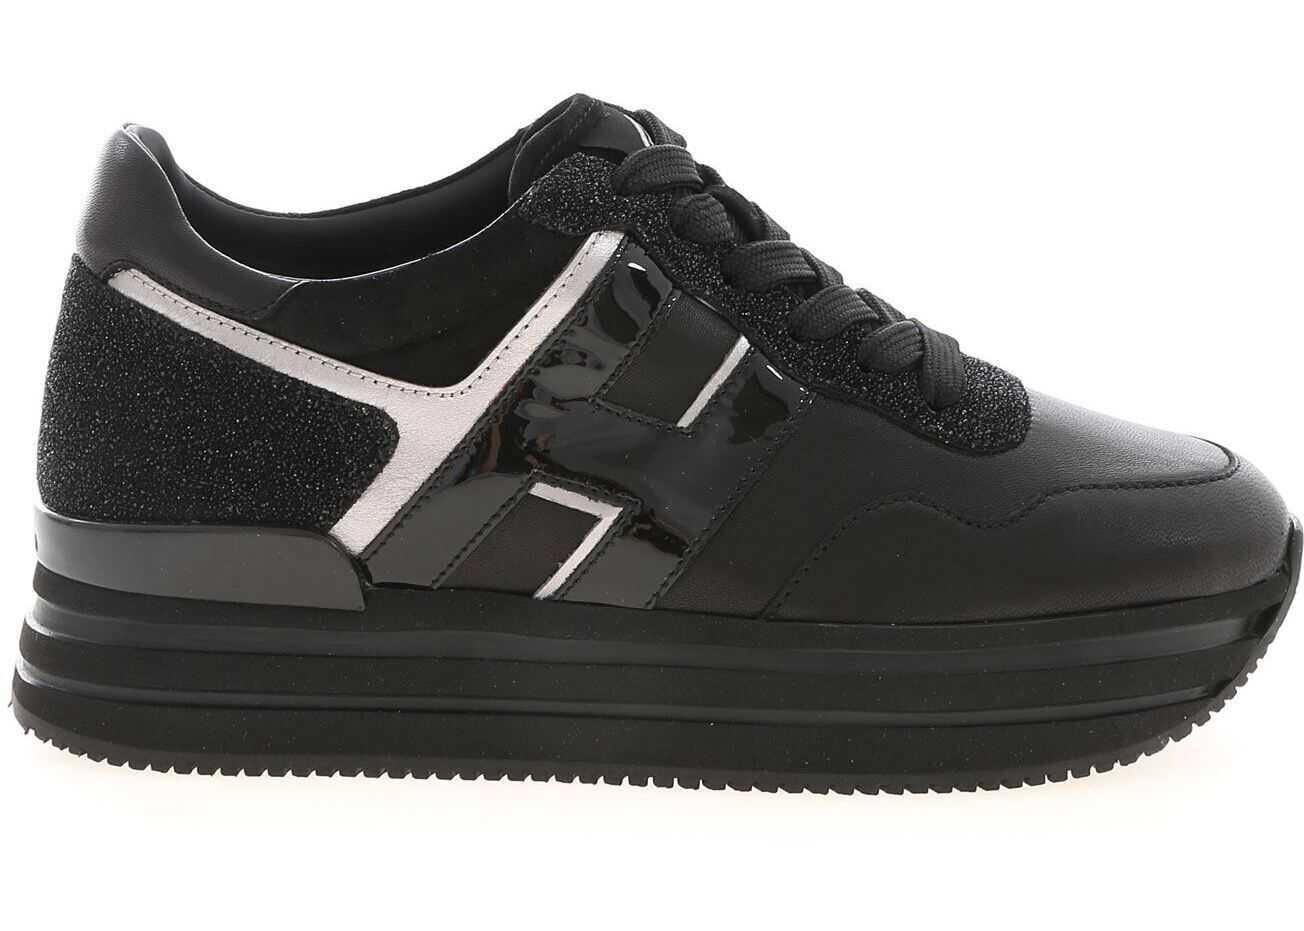 Hogan H483 Sneakers In Black Black